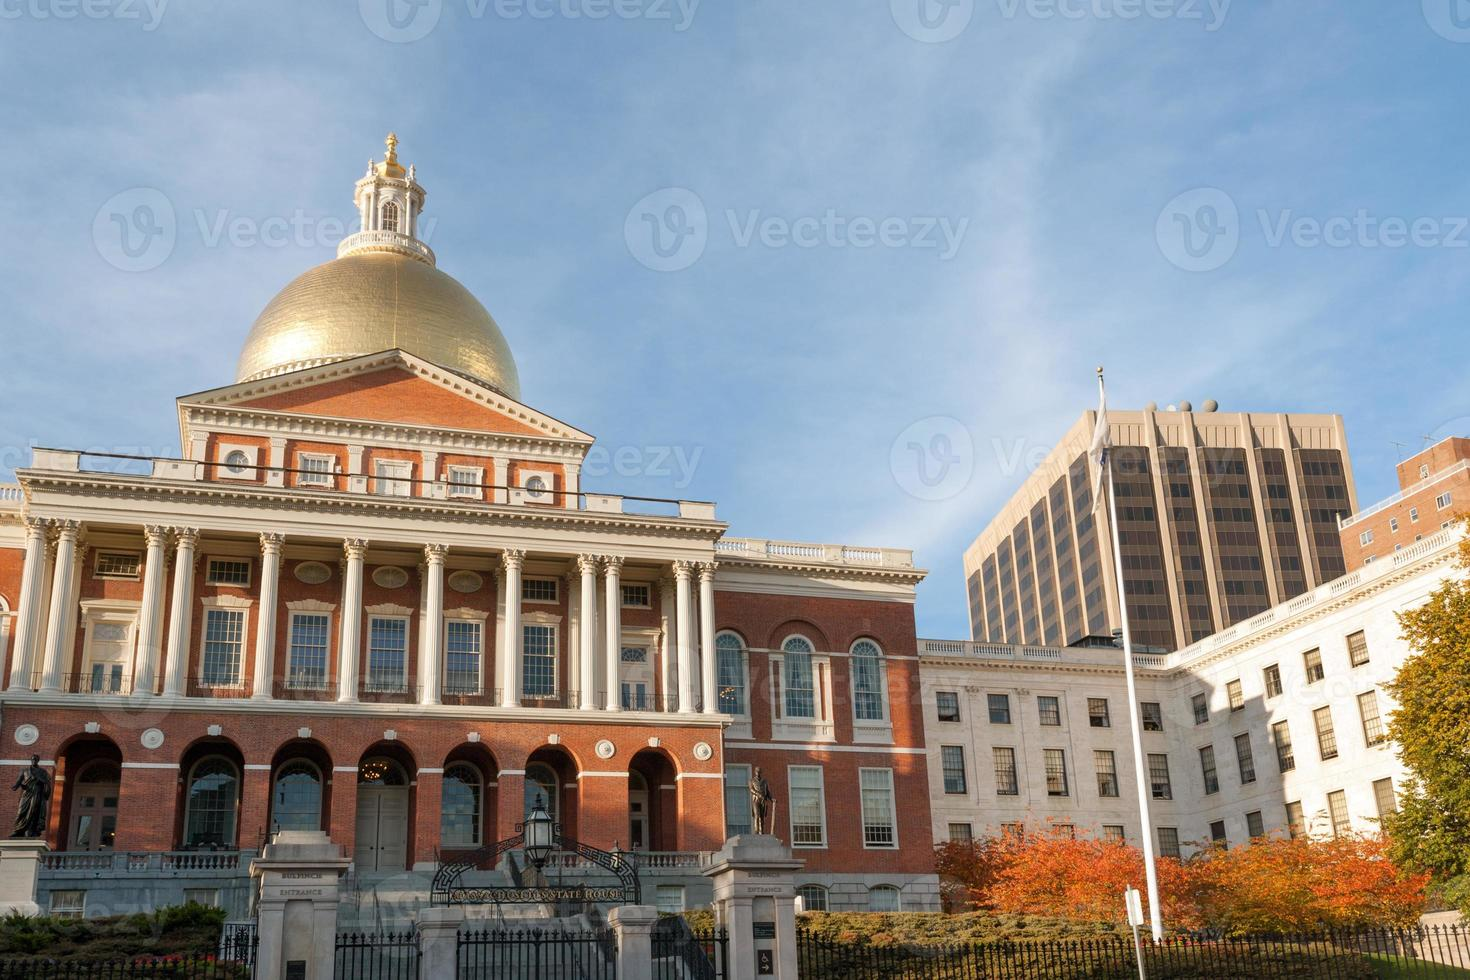 MA State house photo